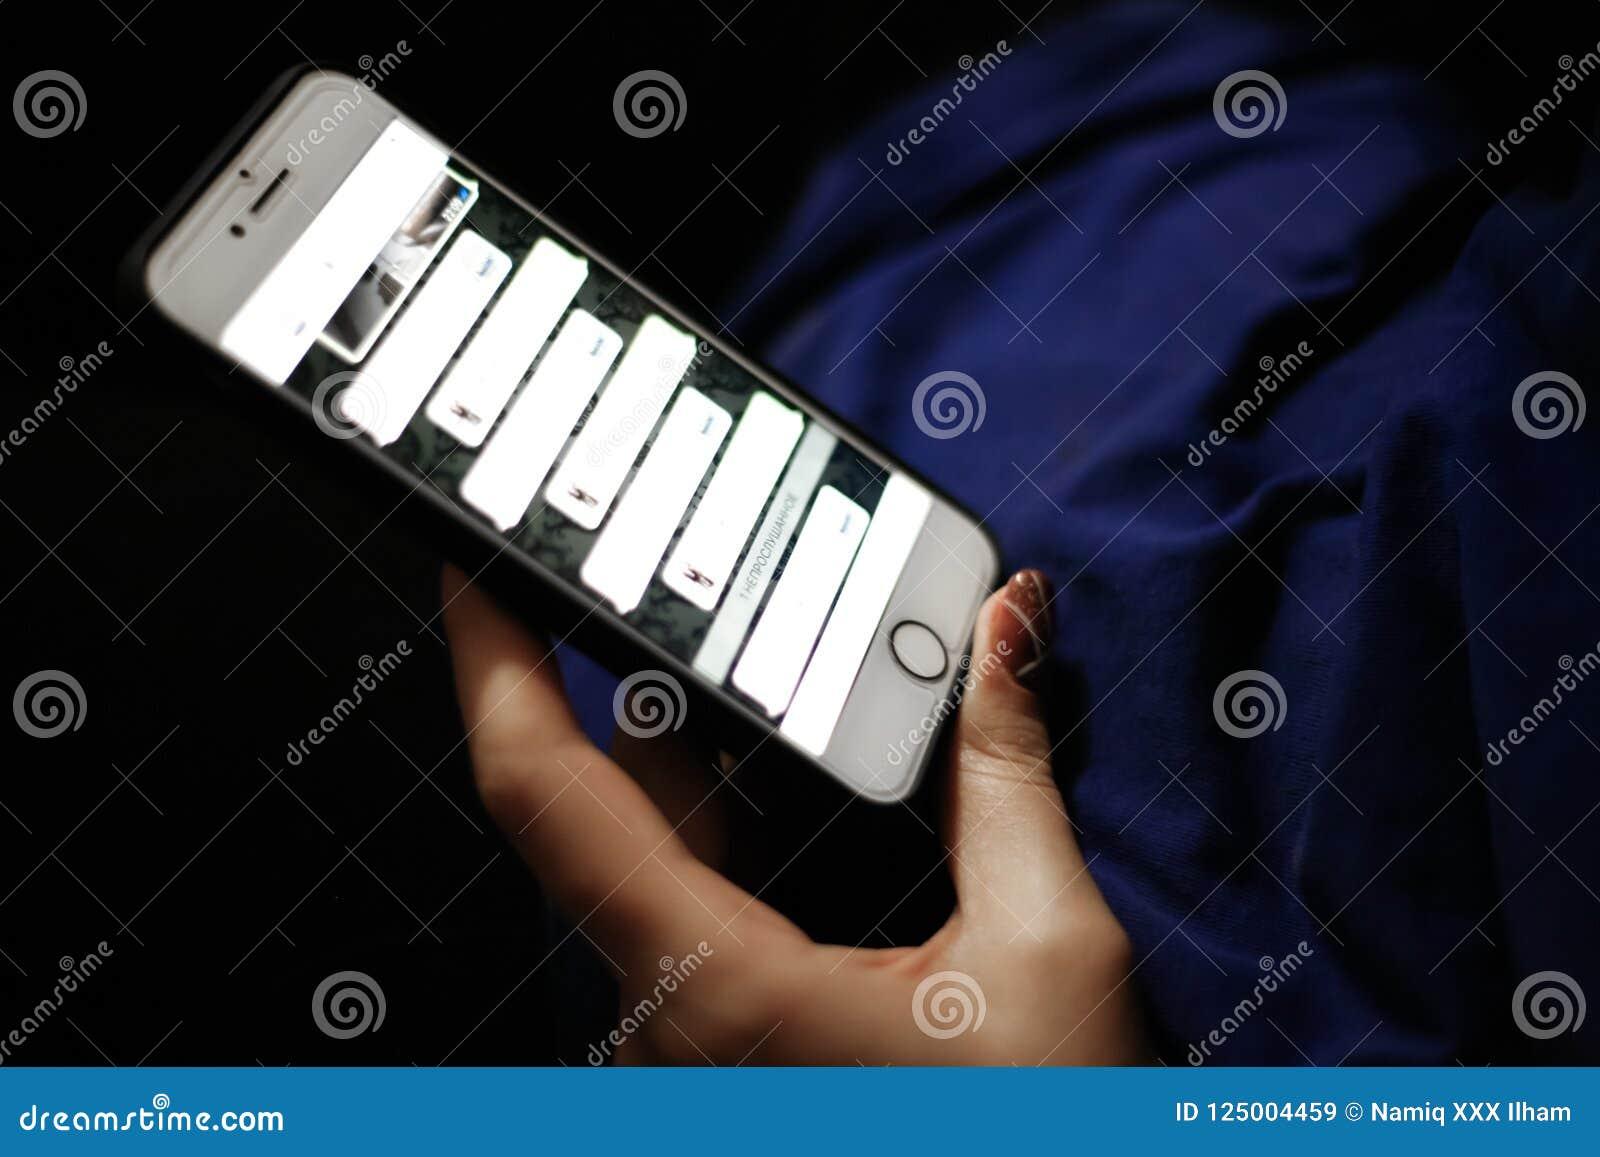 Téléphone, réseau social correspondance dans les réseaux sociaux